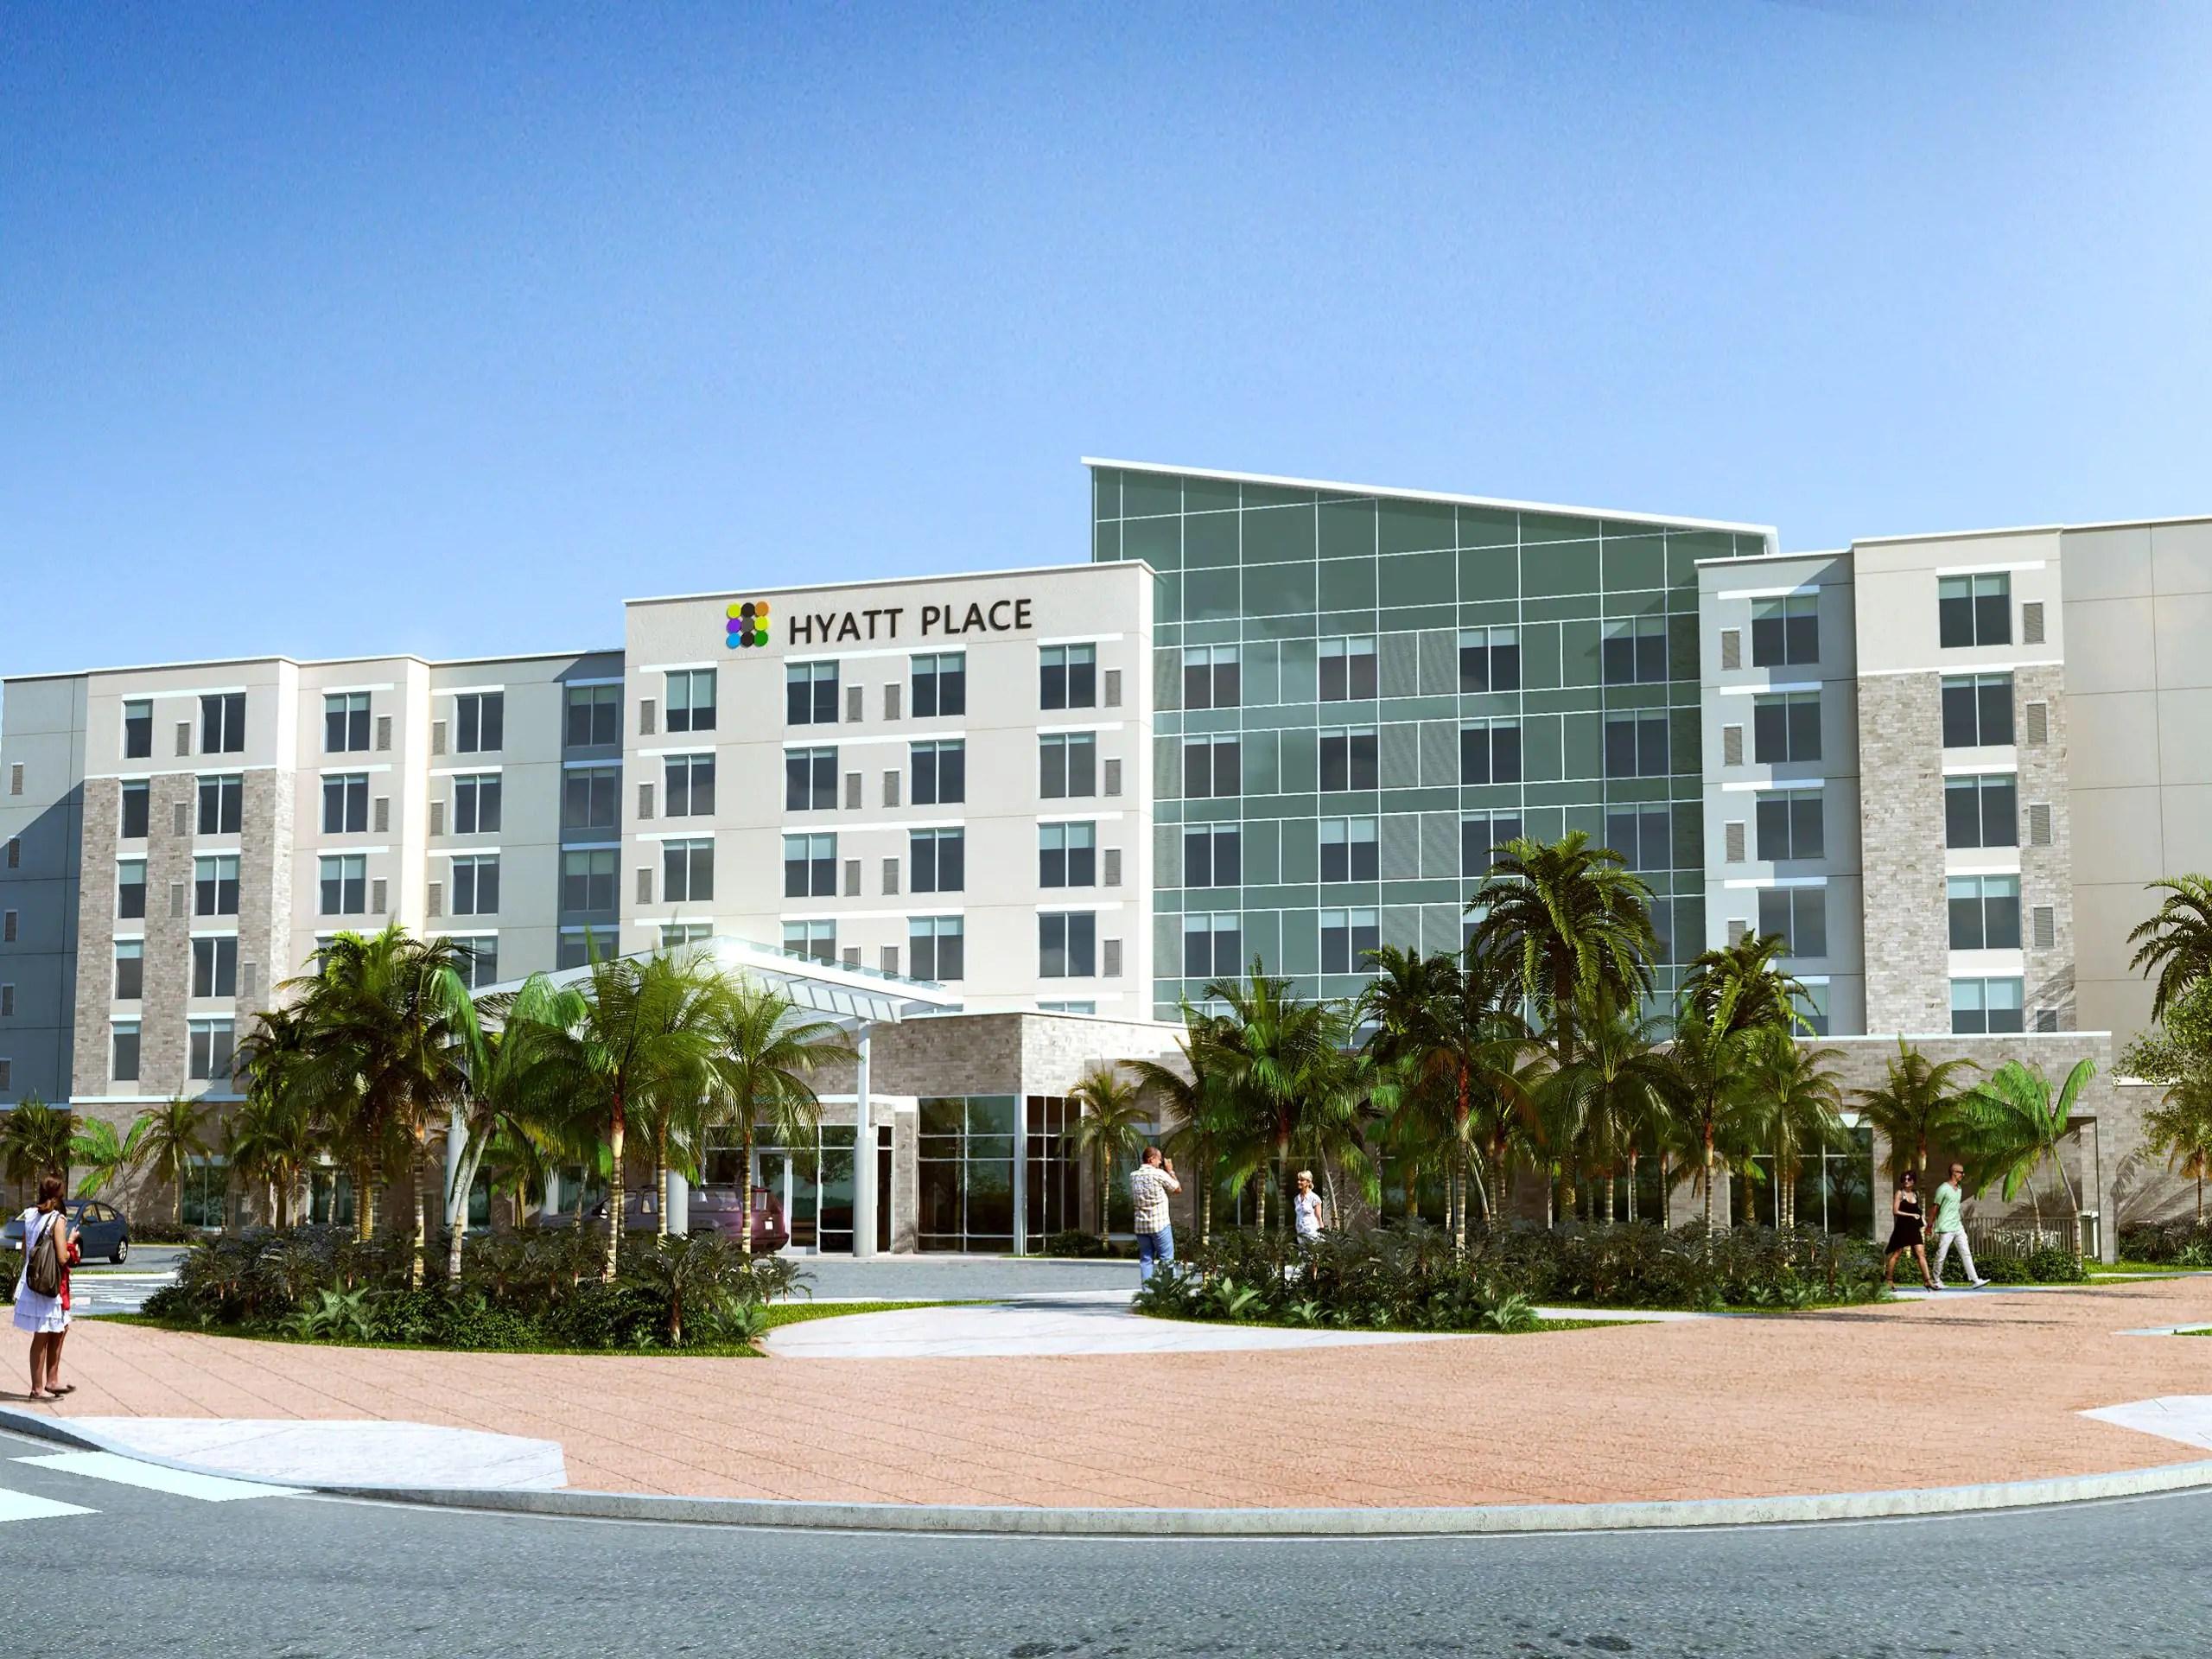 Downtown San Juan Hotel Hyatt Place San Juan City Center